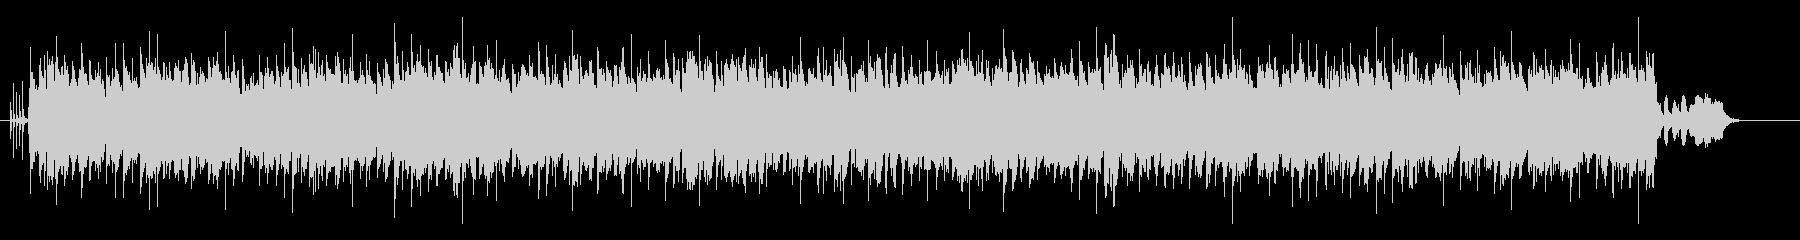 ヨーロピアン・ポップス調の曲の未再生の波形